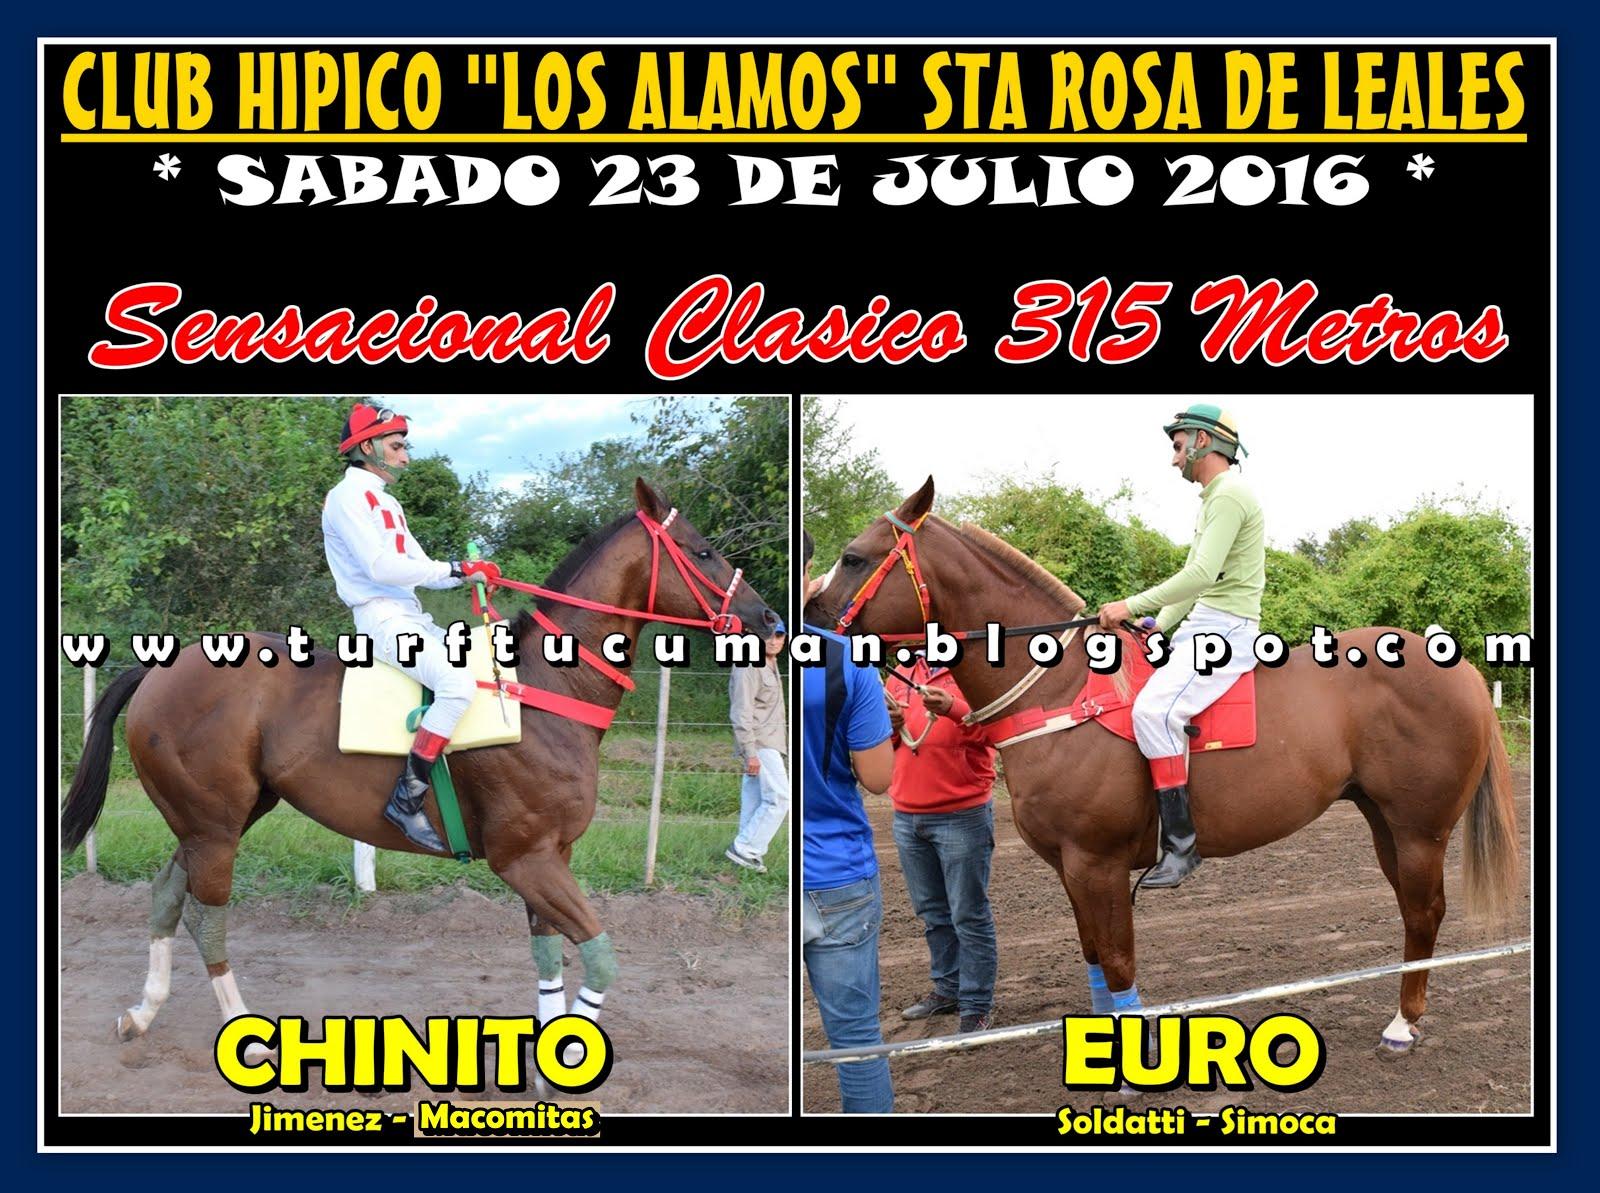 CHINITO VS EURO